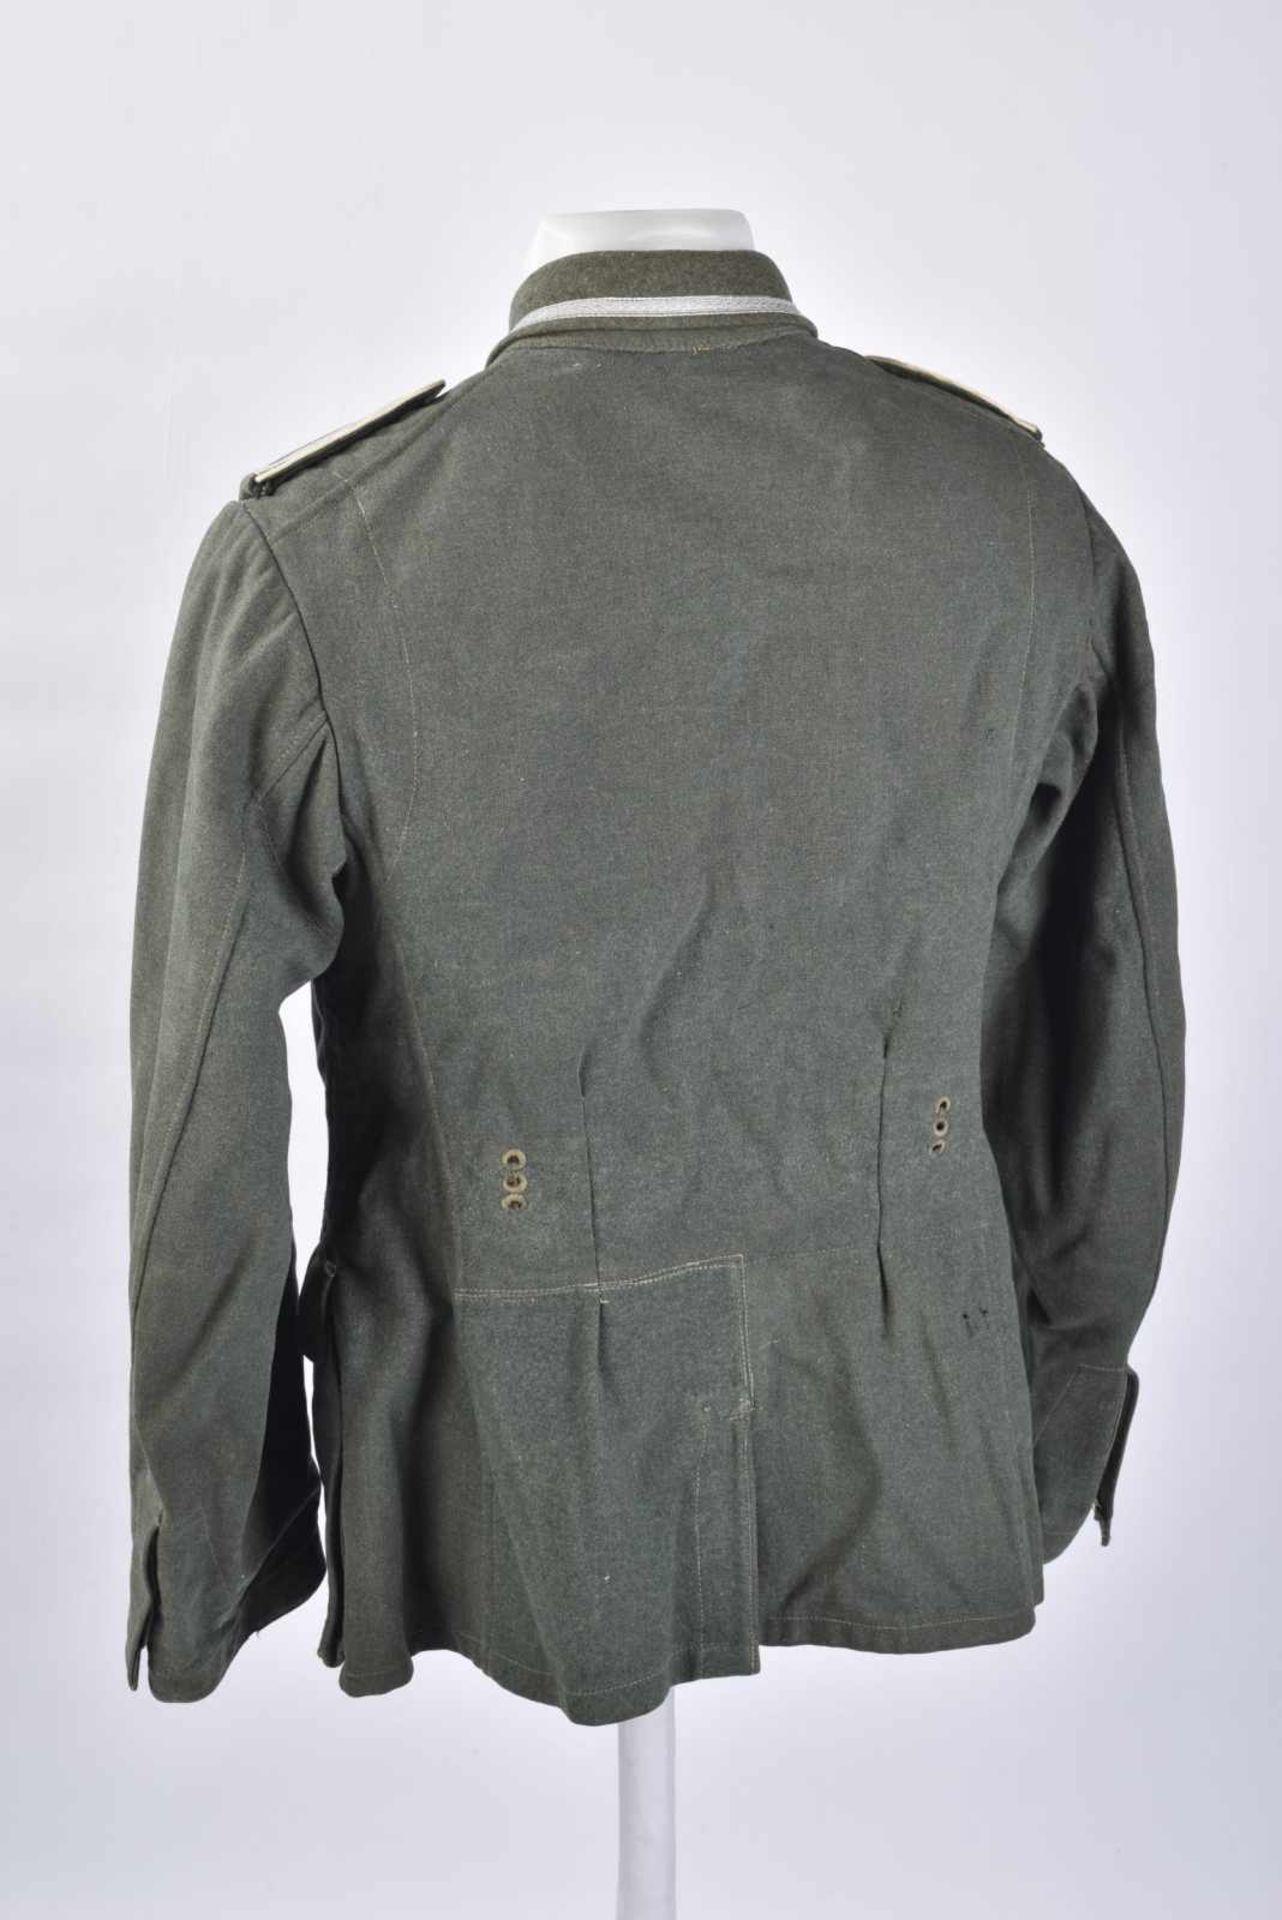 Vareuse d'Unteroffizier de l'infanterie en drap Feldgrau, intérieur doublé en tissu coton marron, - Bild 3 aus 4